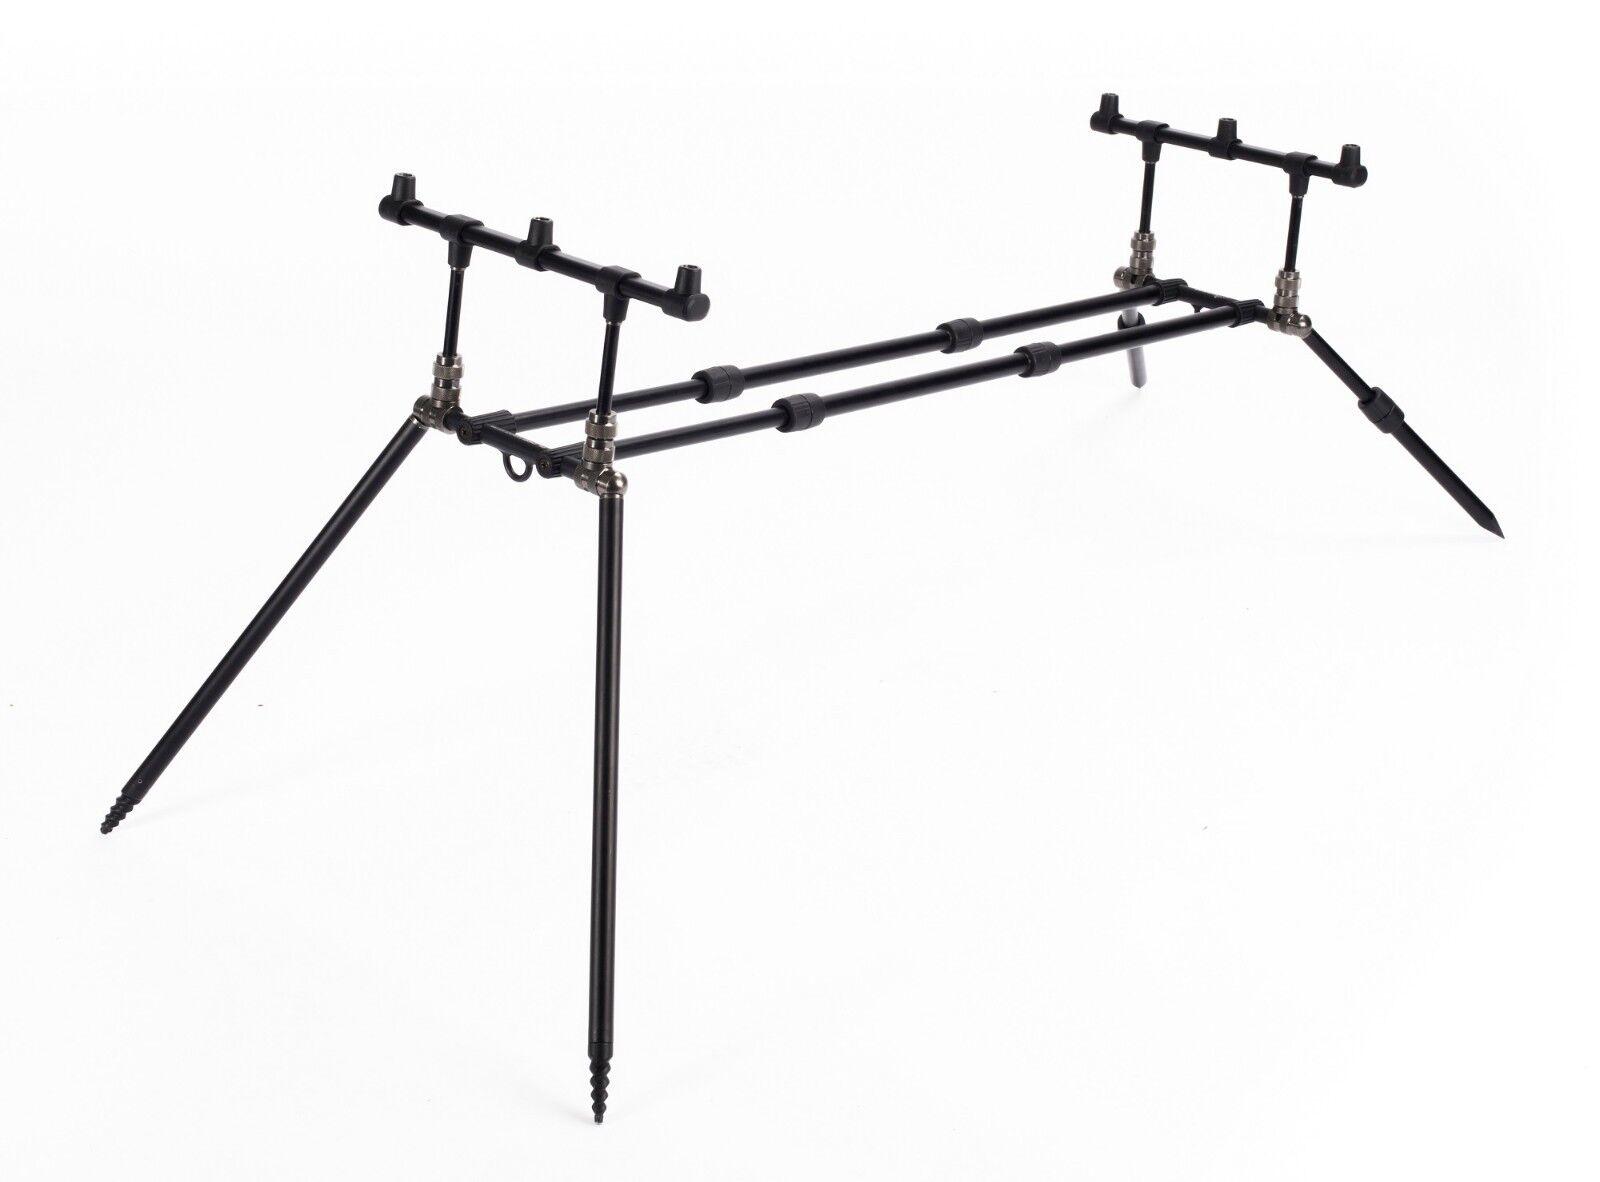 Nash Globetrossoter 3 Asta Contenitore Nuovo, per Carpfishing Portacanna  T2712